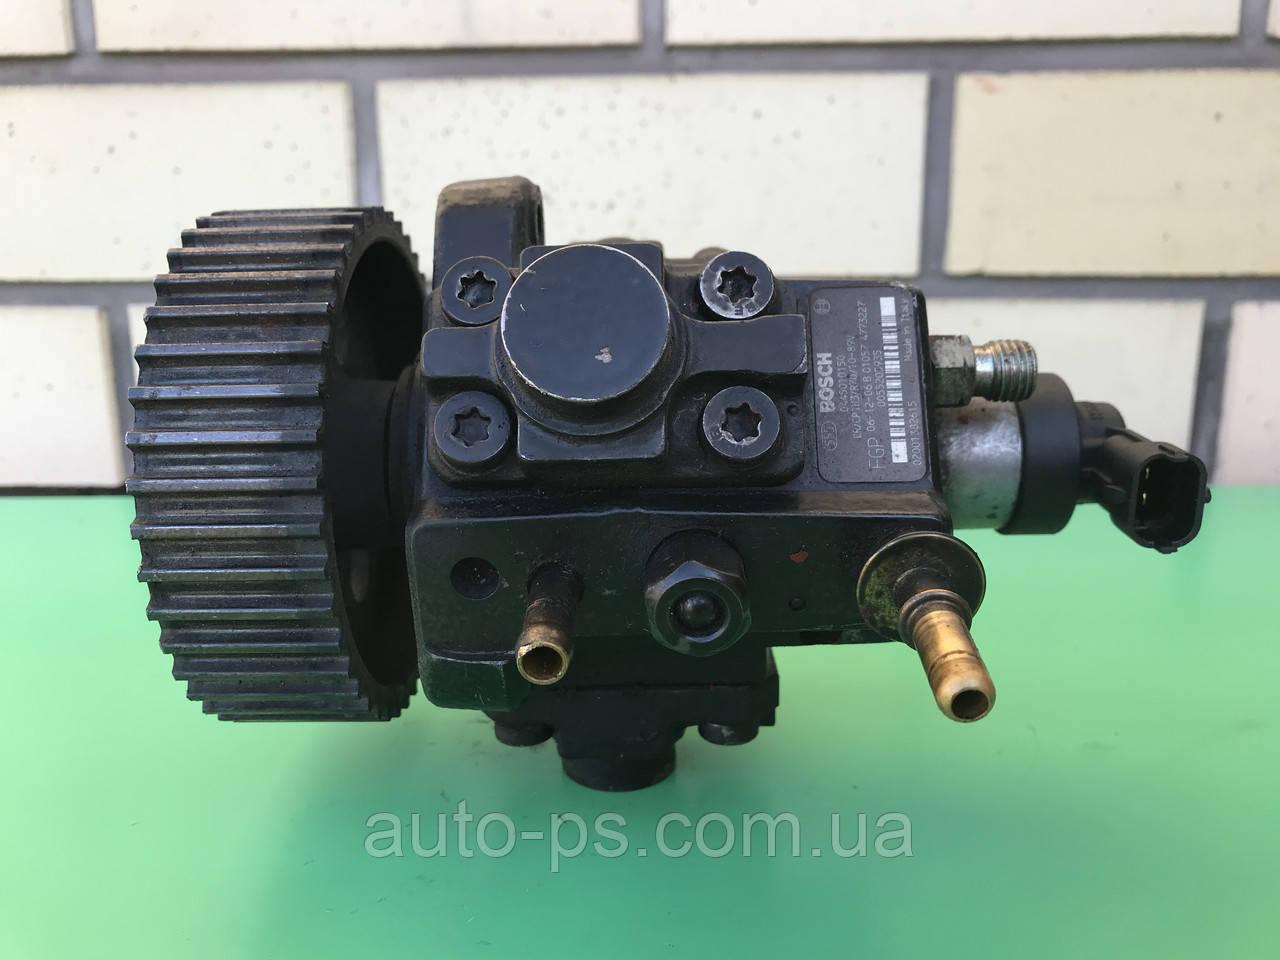 Топливный насос высокого давления (ТНВД) Fiat Doblo 1.9D Multijet